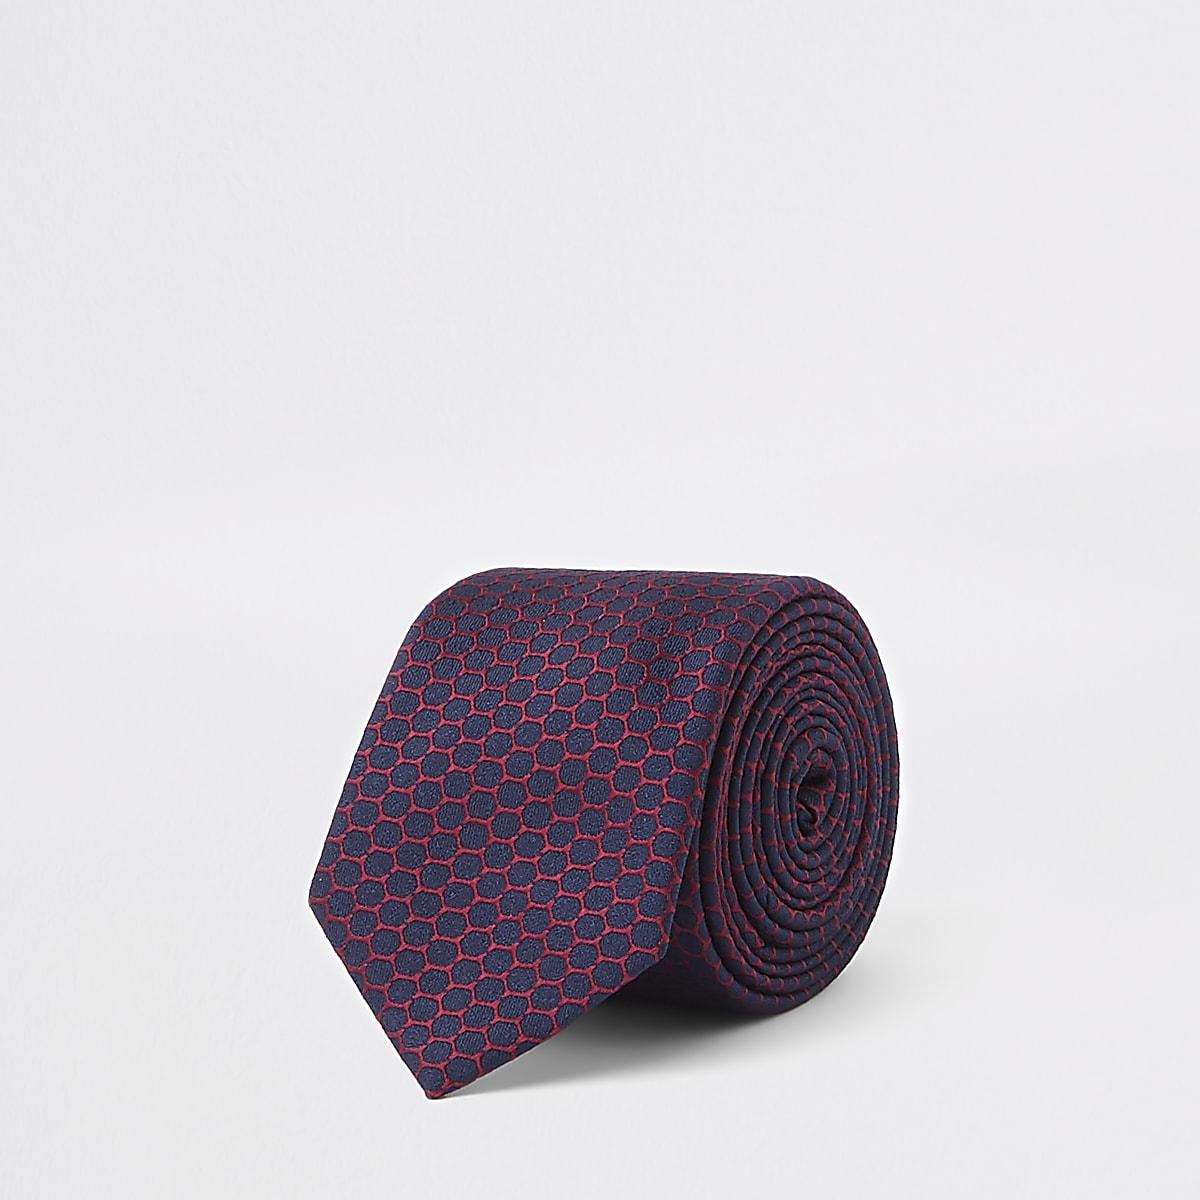 Cravate imprimé géométrique bleu marine